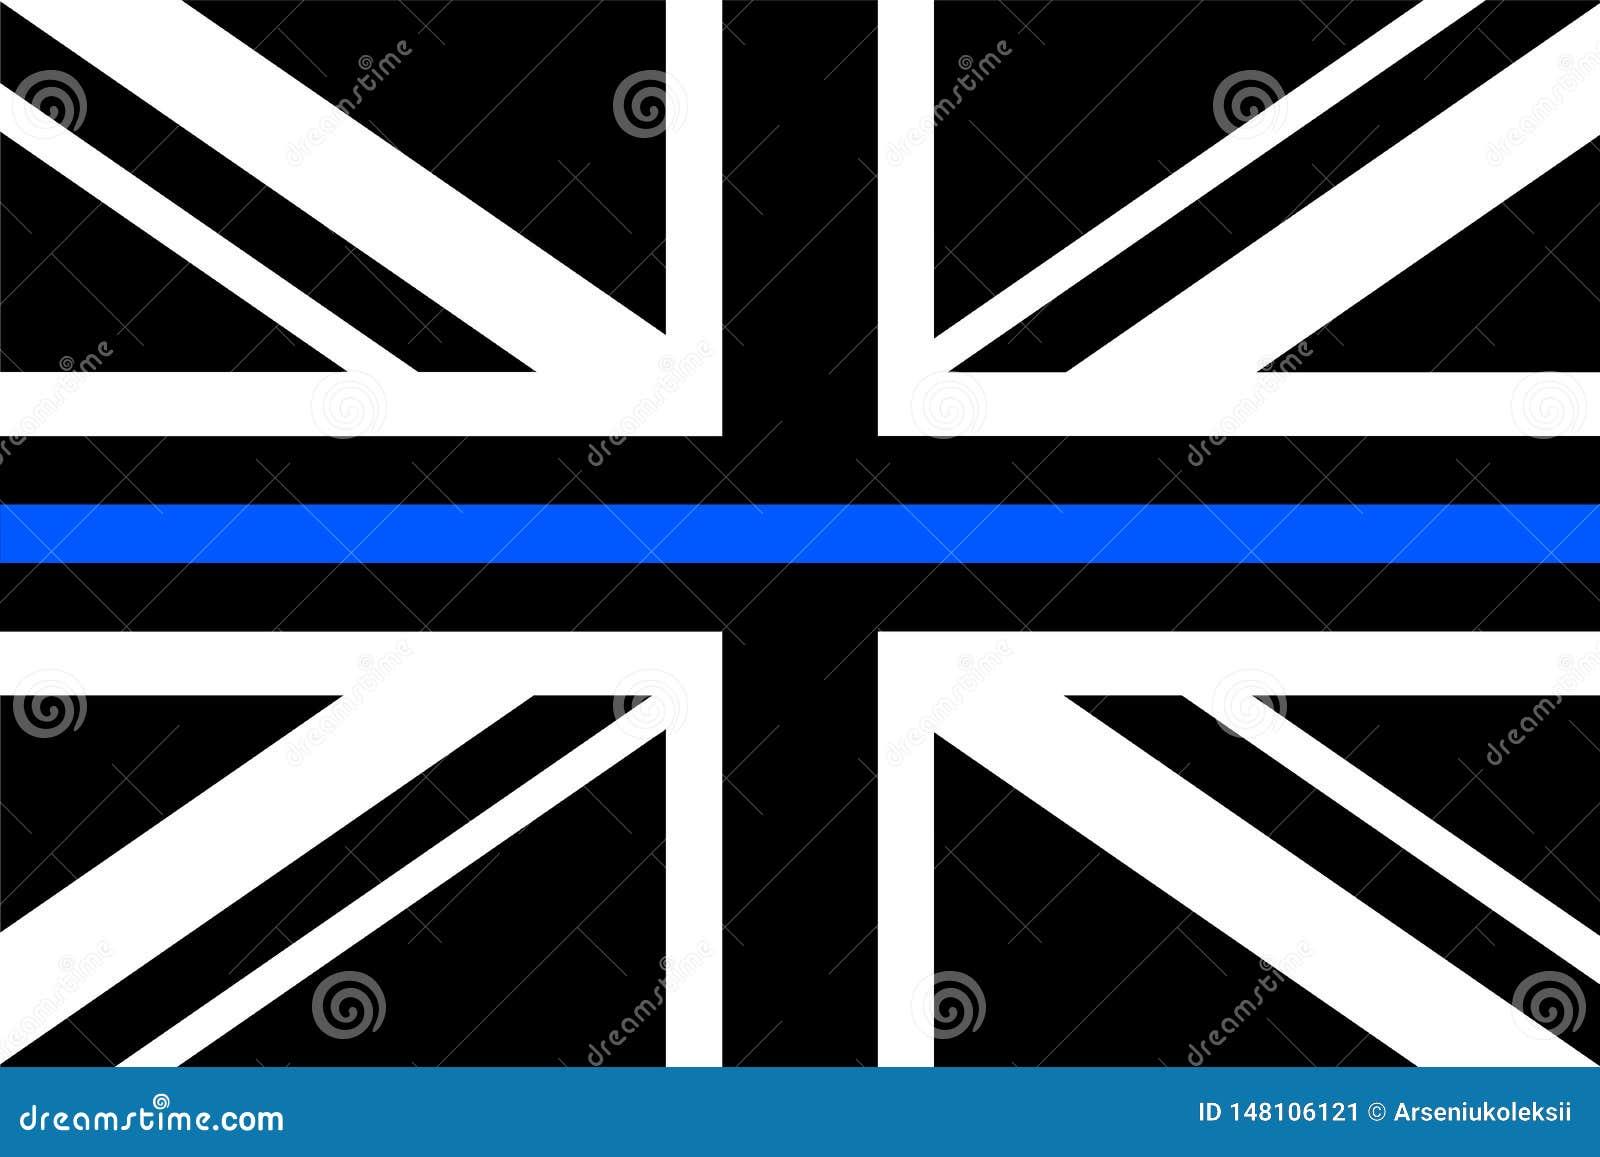 Bandiera a del Regno Unito con la linea blu sottile